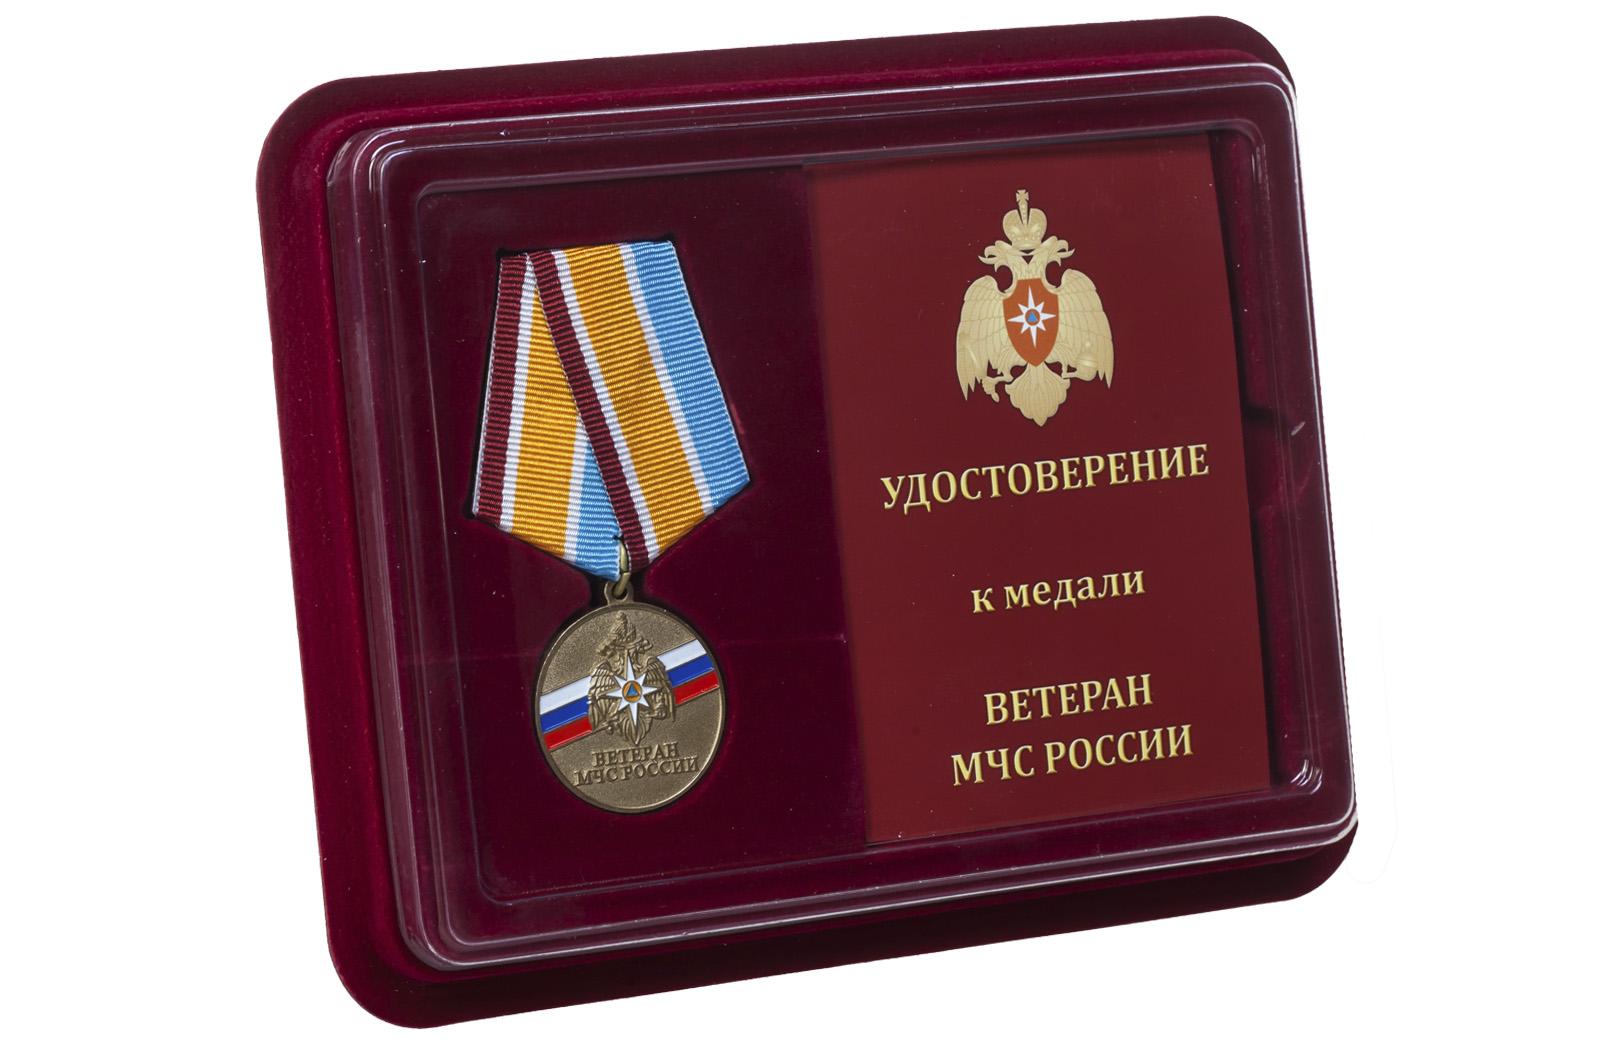 Купить медаль Ветеран МЧС России оптом или в розницу